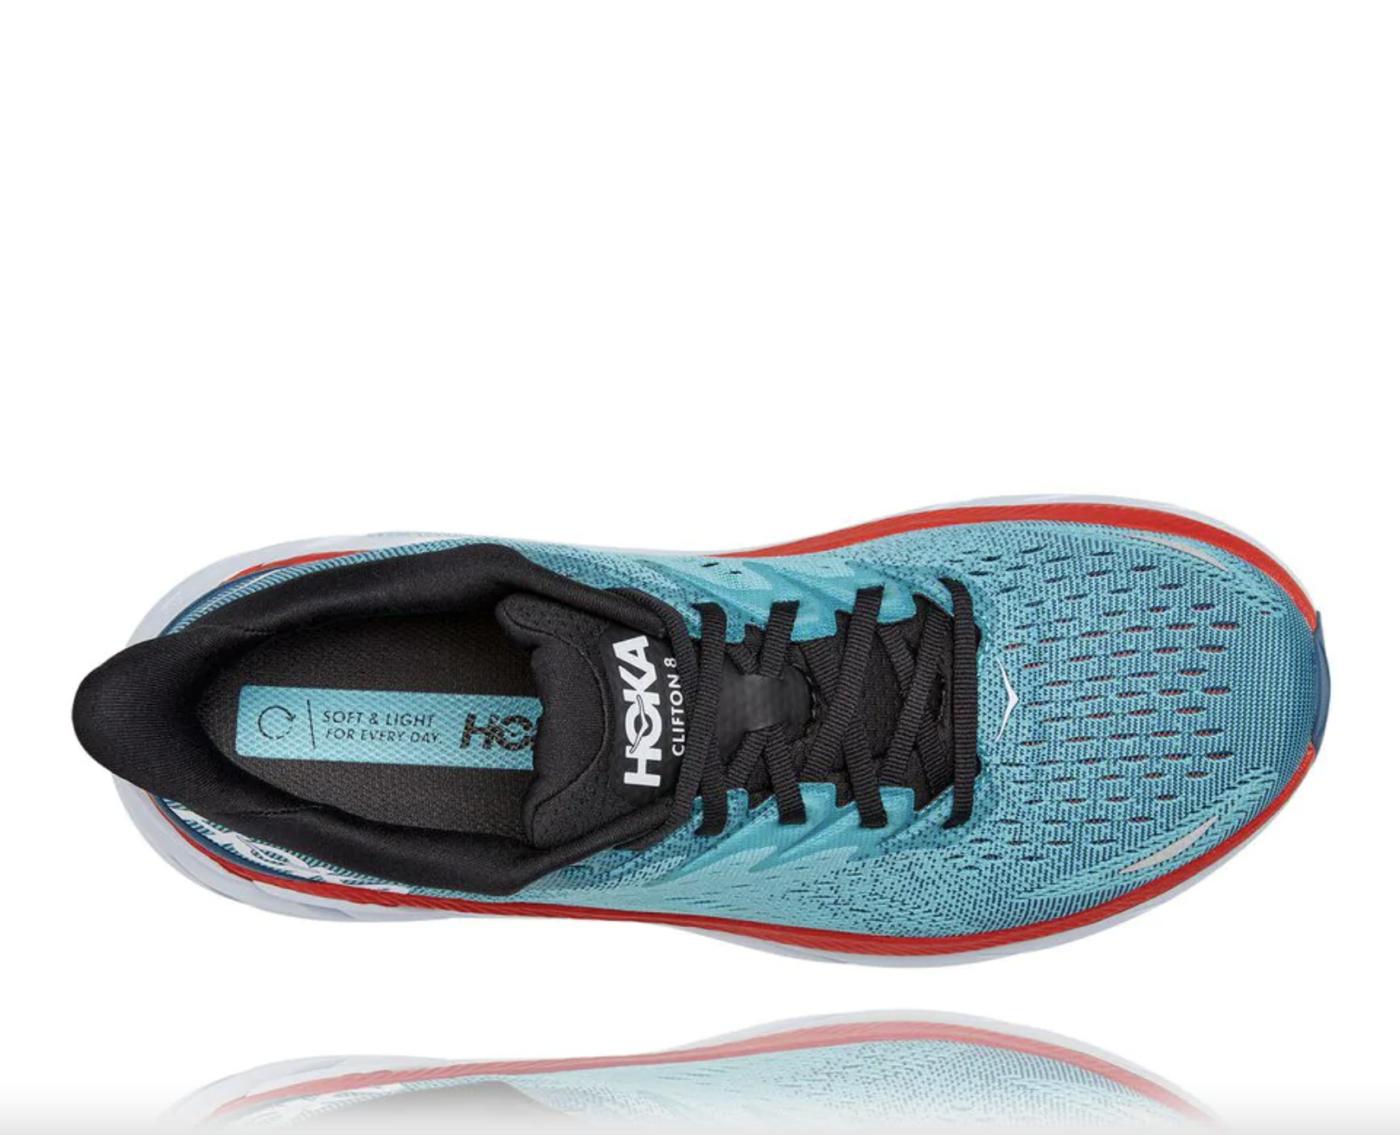 hoka one one clifton 8 running chaussure 3